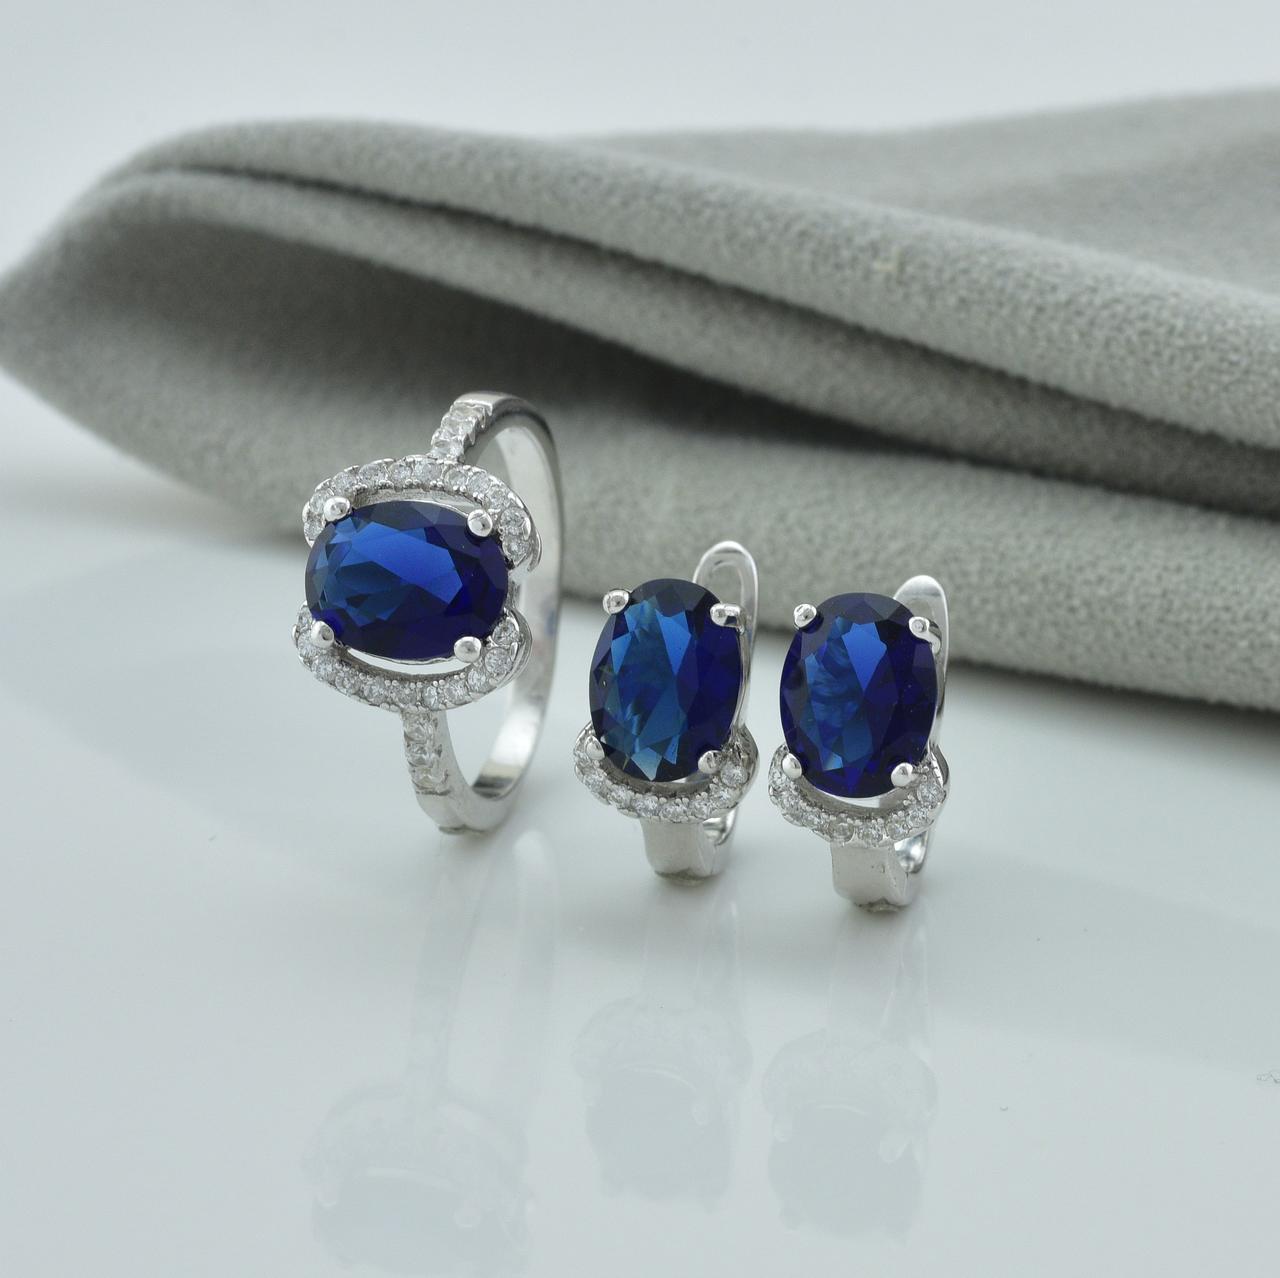 Серебряный набор кольцо размер 18.5 + серьги 15х8 мм вставка синие фианиты вес 6.4 г